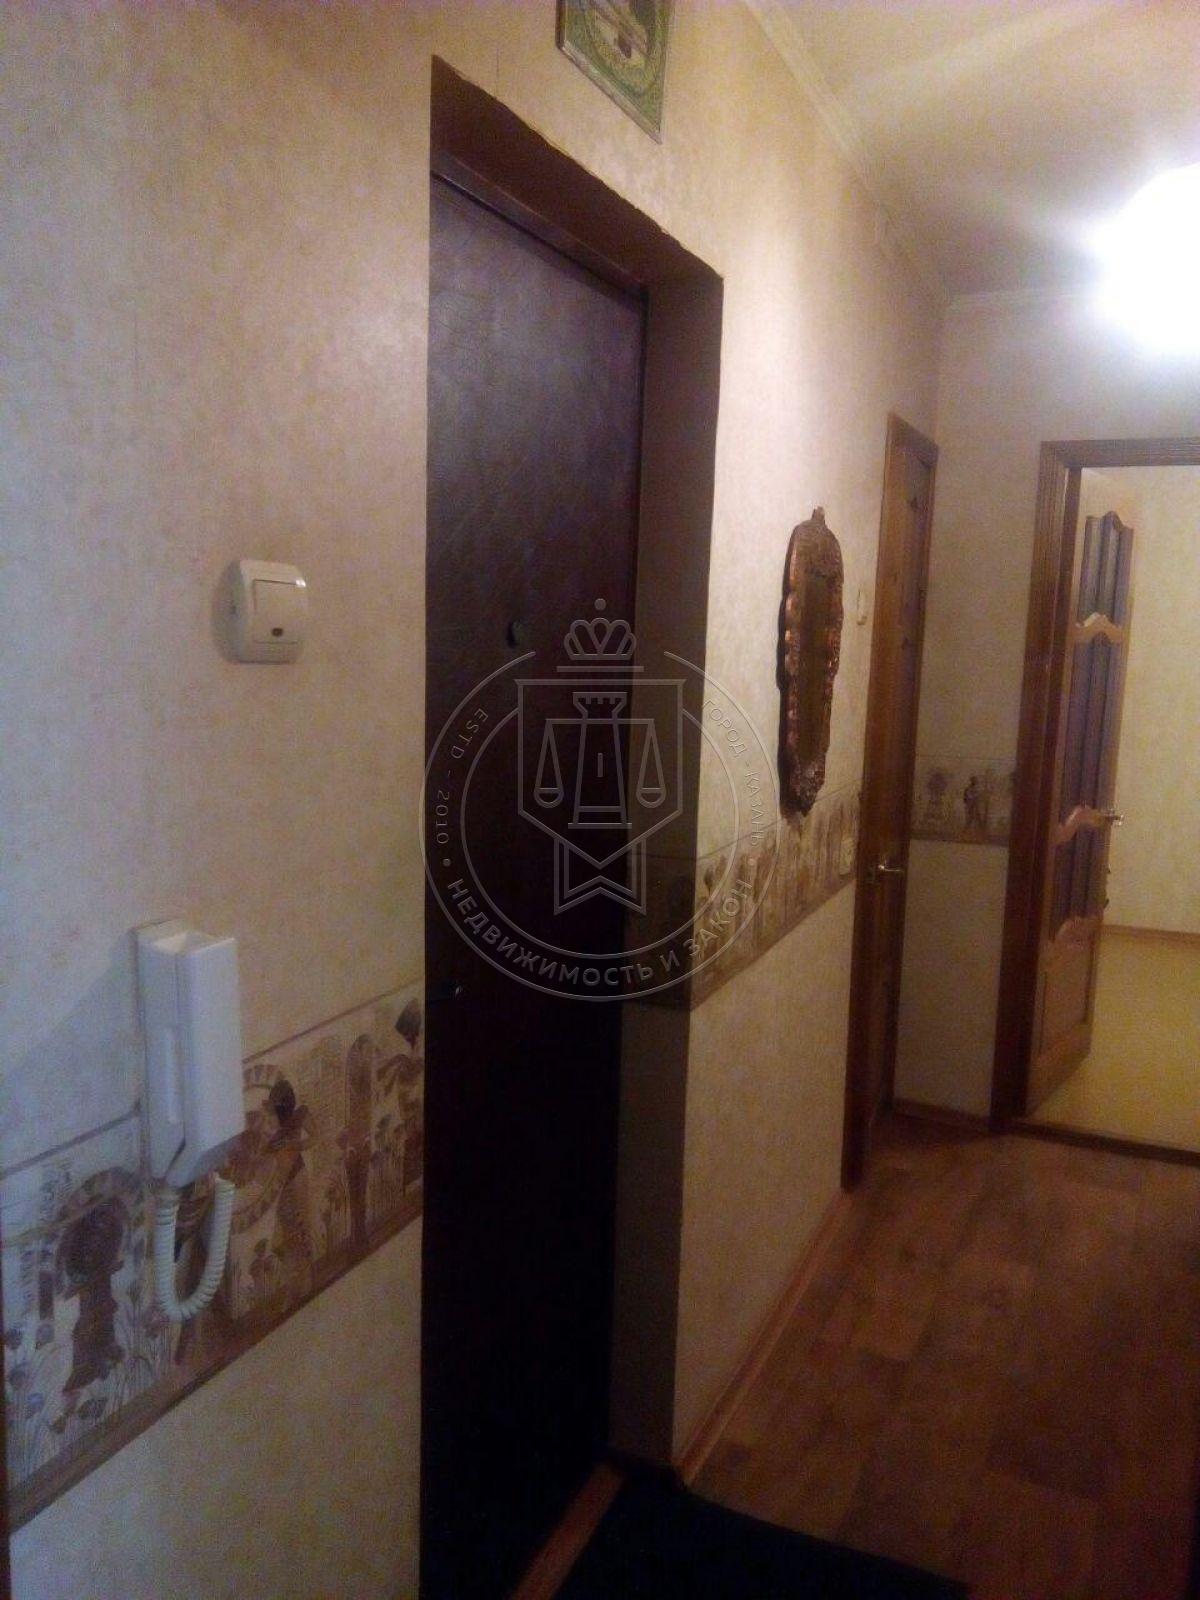 Продажа 2-к квартиры Джаудата Файзи ул, 11, 50 м2  (миниатюра №4)